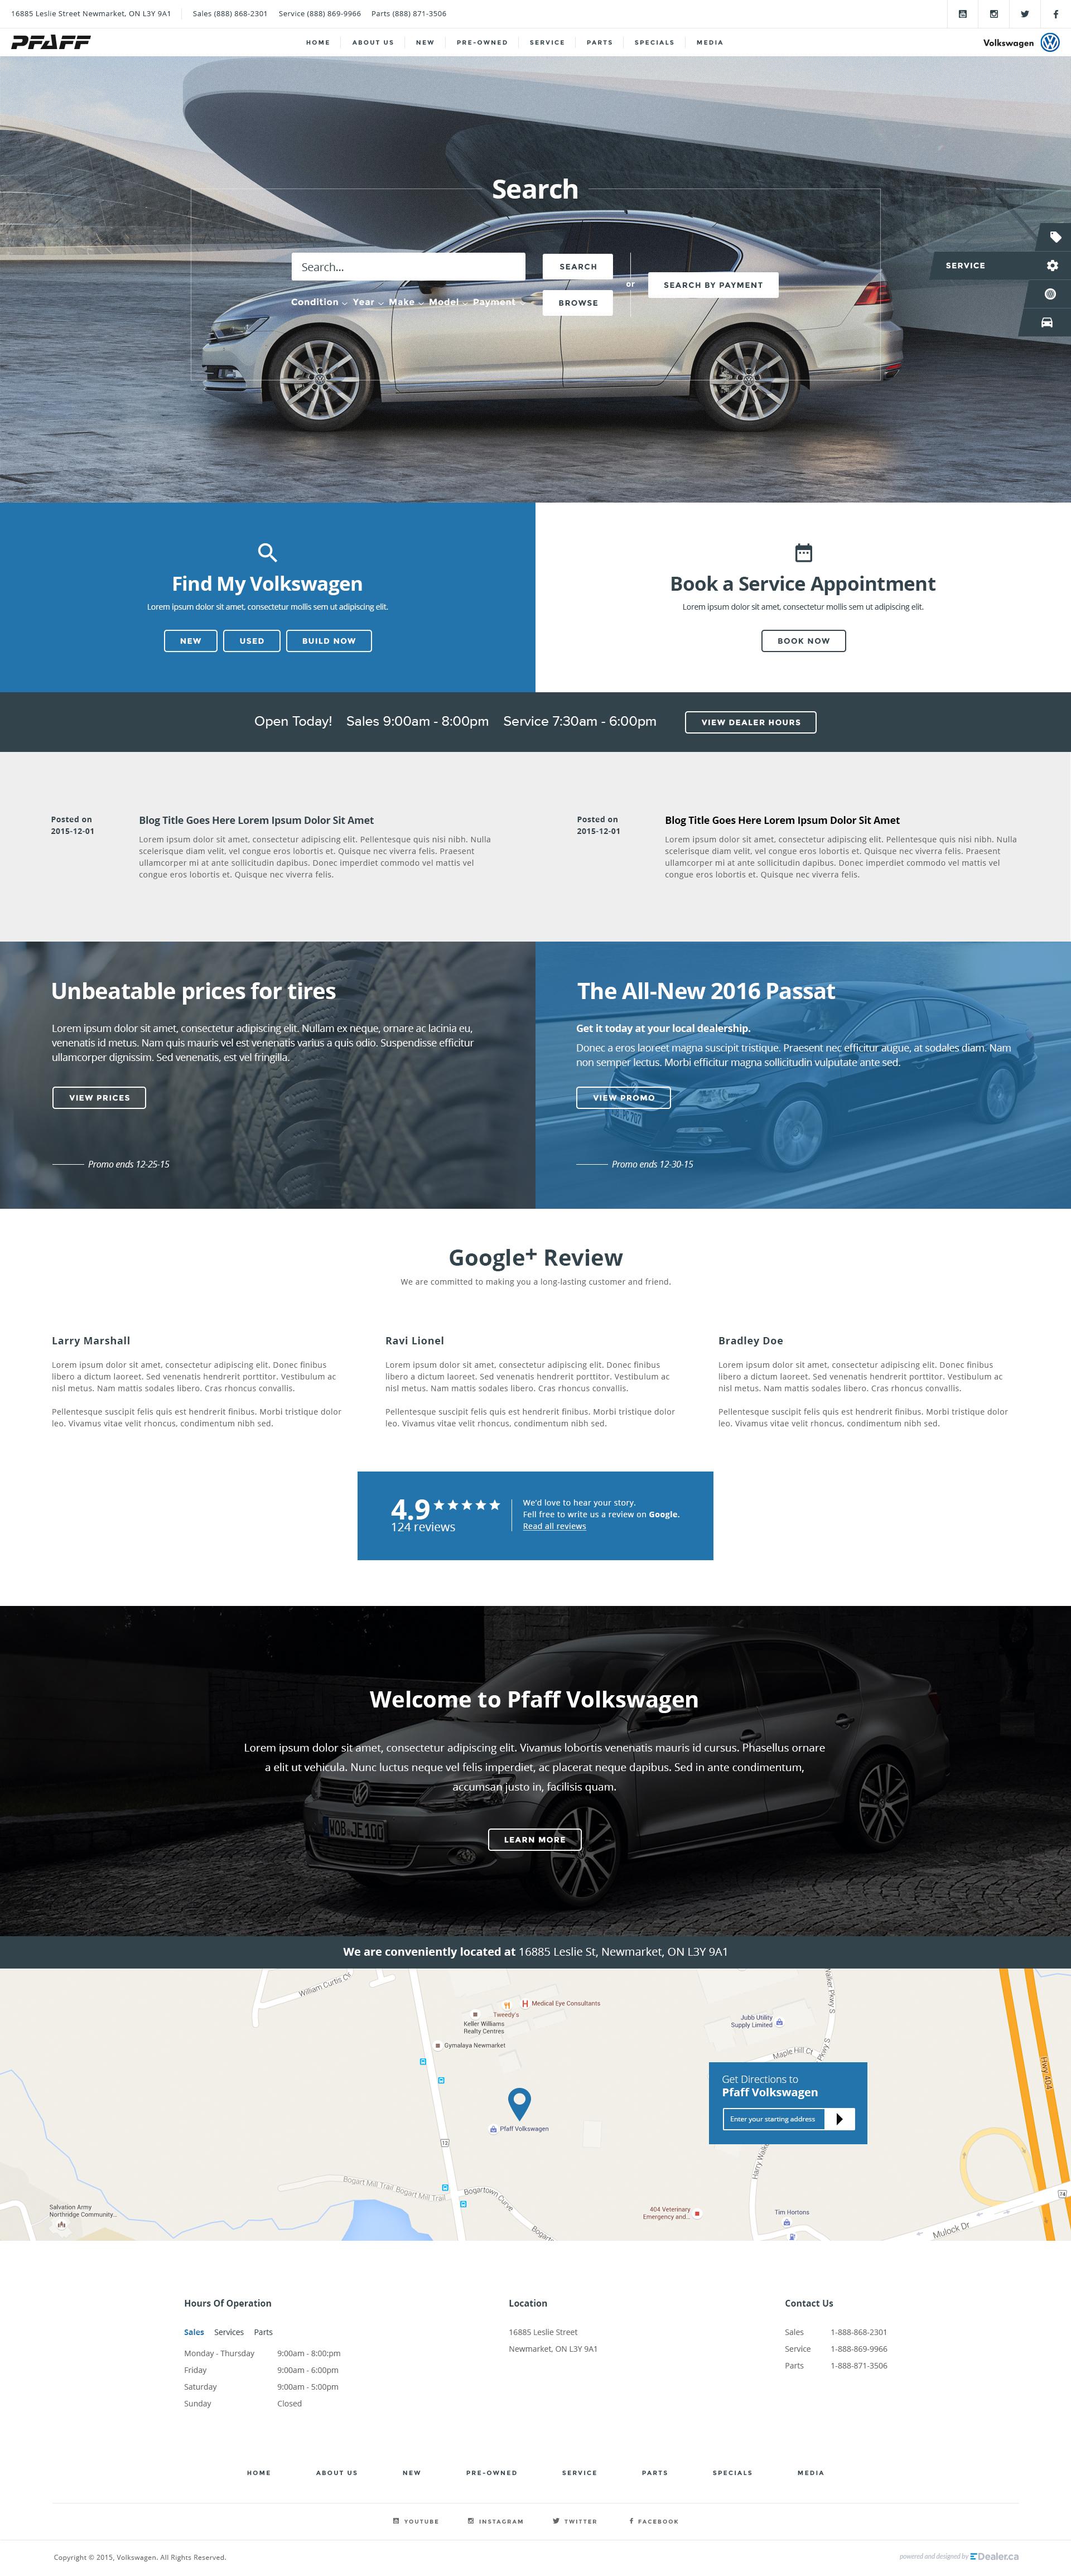 PFAFF Volkswagen